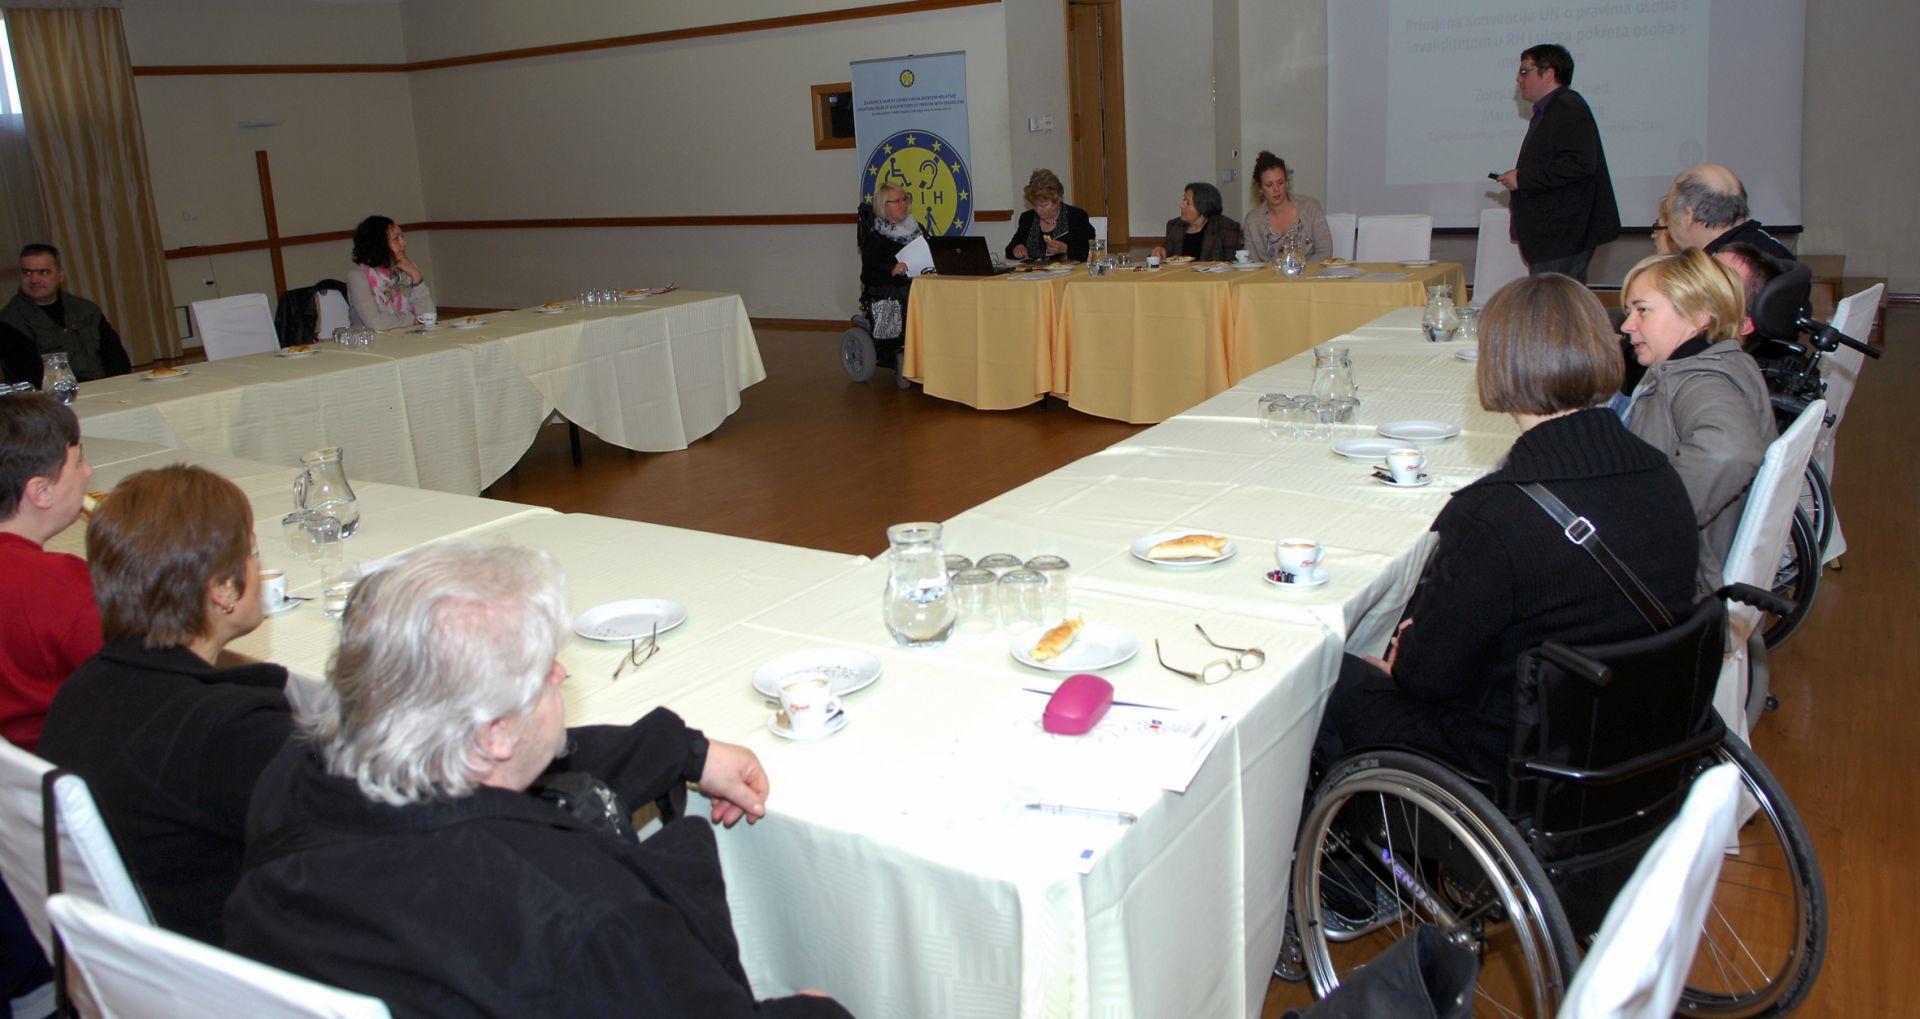 Karlovac: Osobama s invaliditetom asistenti, asistentima posao